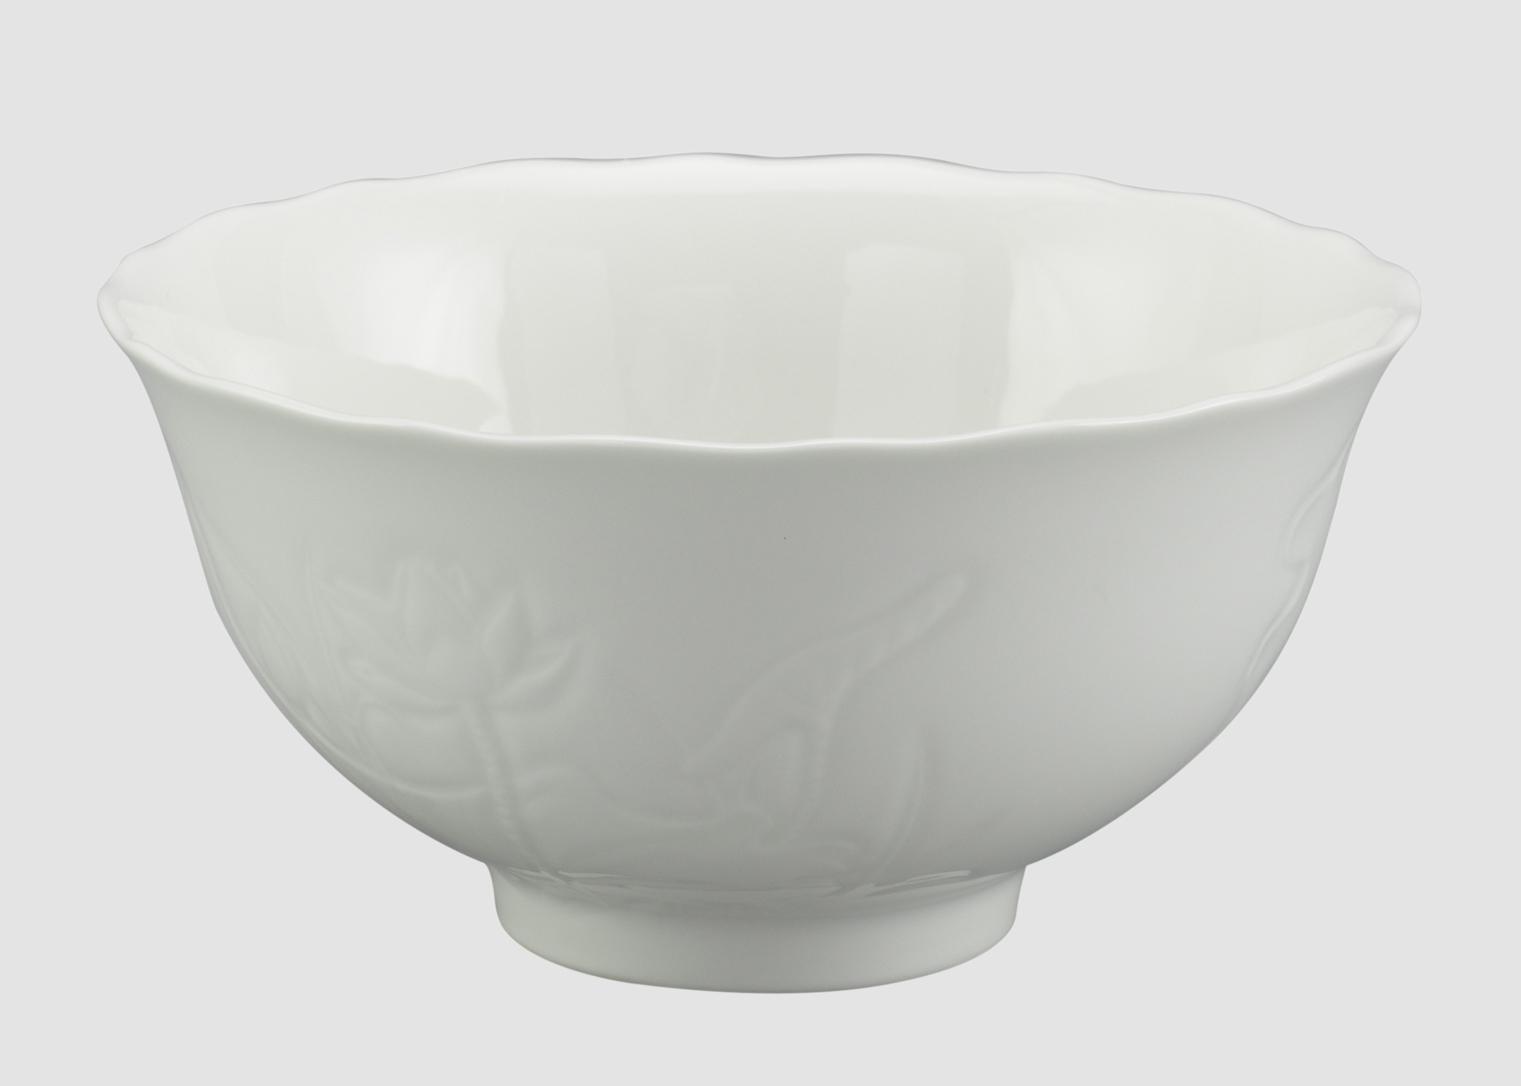 Tô 16cm Sen IFP Trắng Ngà 071698000 Minh Long